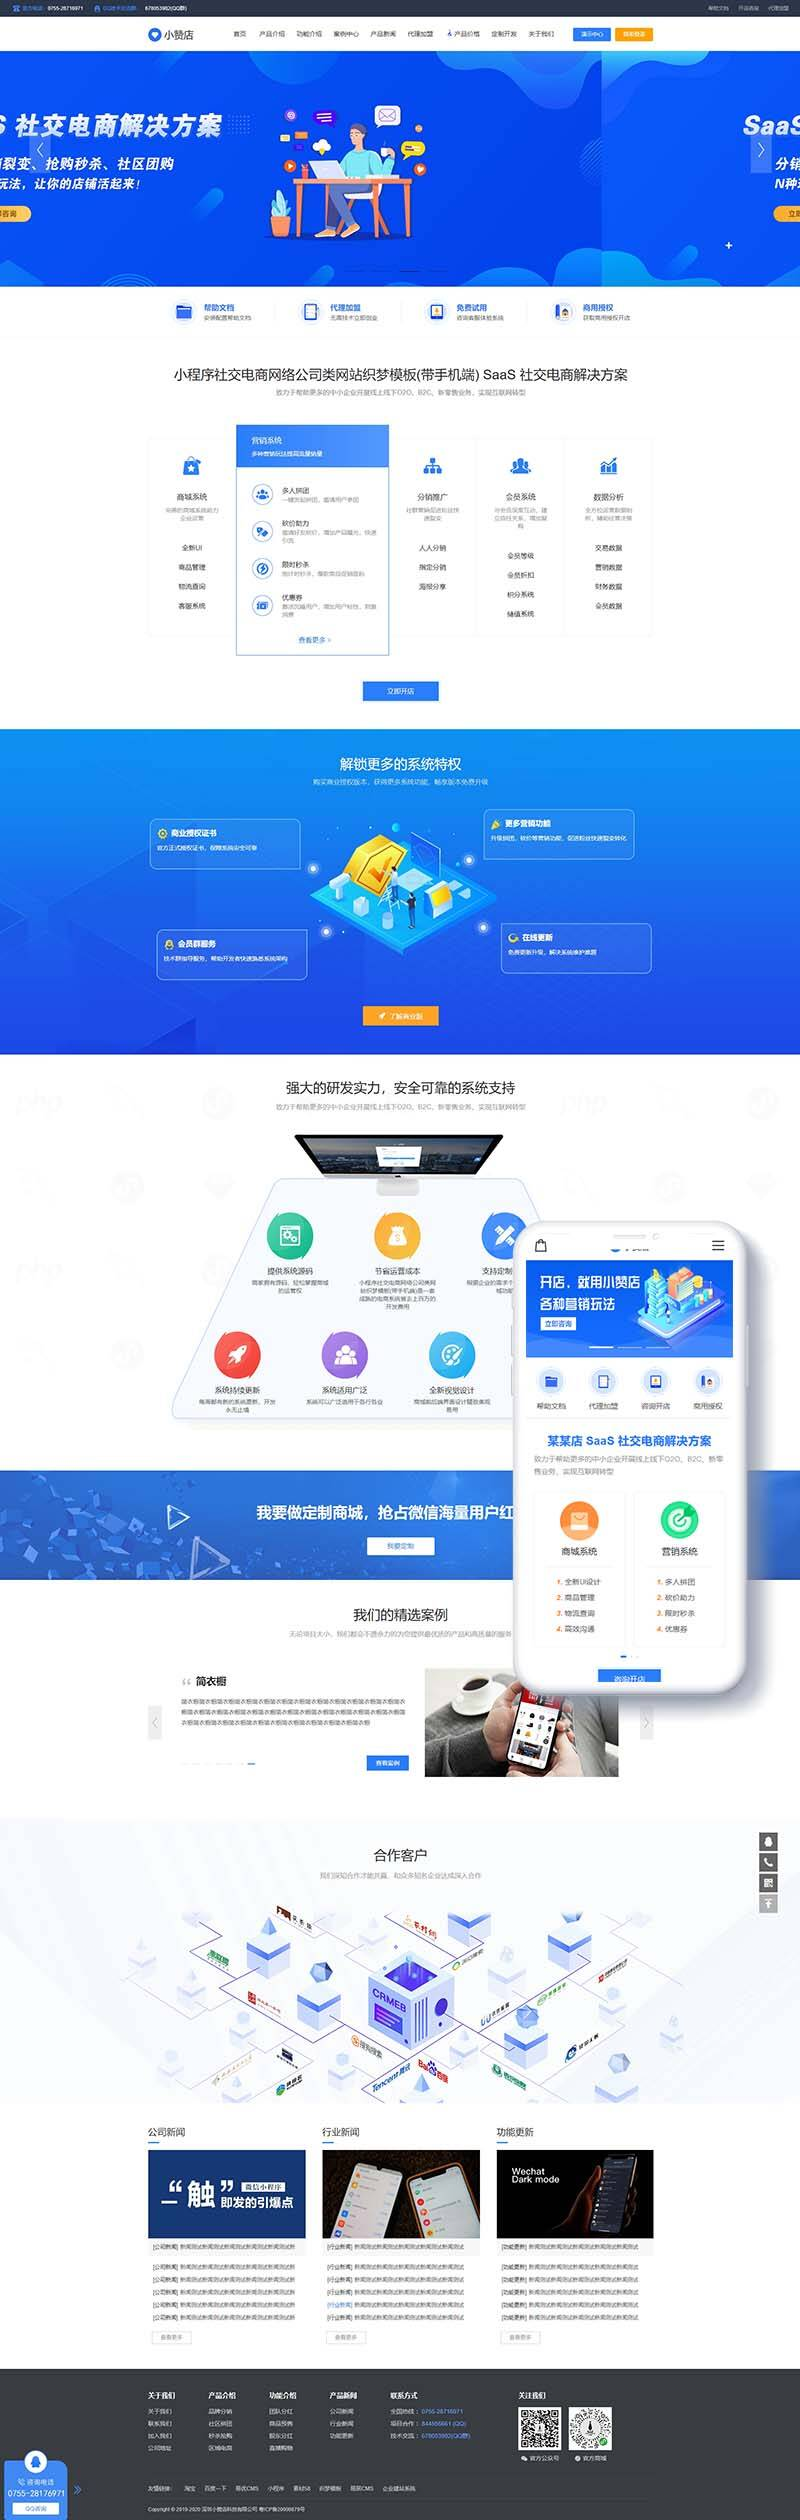 织梦dedecms小程序社交电商系统开发网络公司网站模板(带手机移动端) 织梦 dedecms 网站模板 第1张